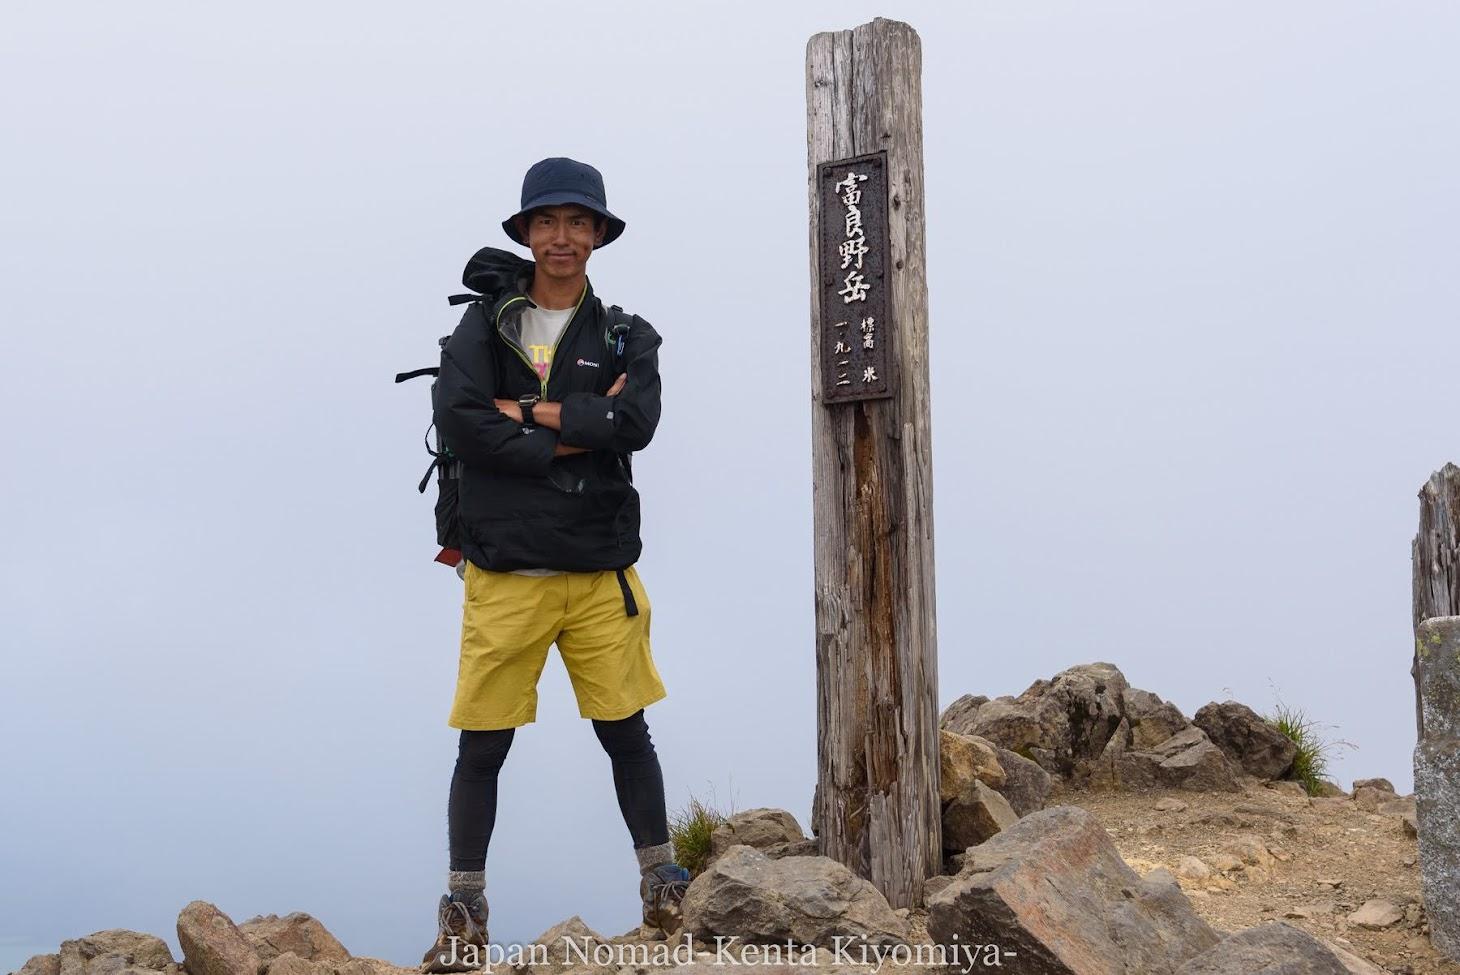 【大雪山~十勝連峰縦走】荒天の十勝連峰、ゴールの富良野岳へ!